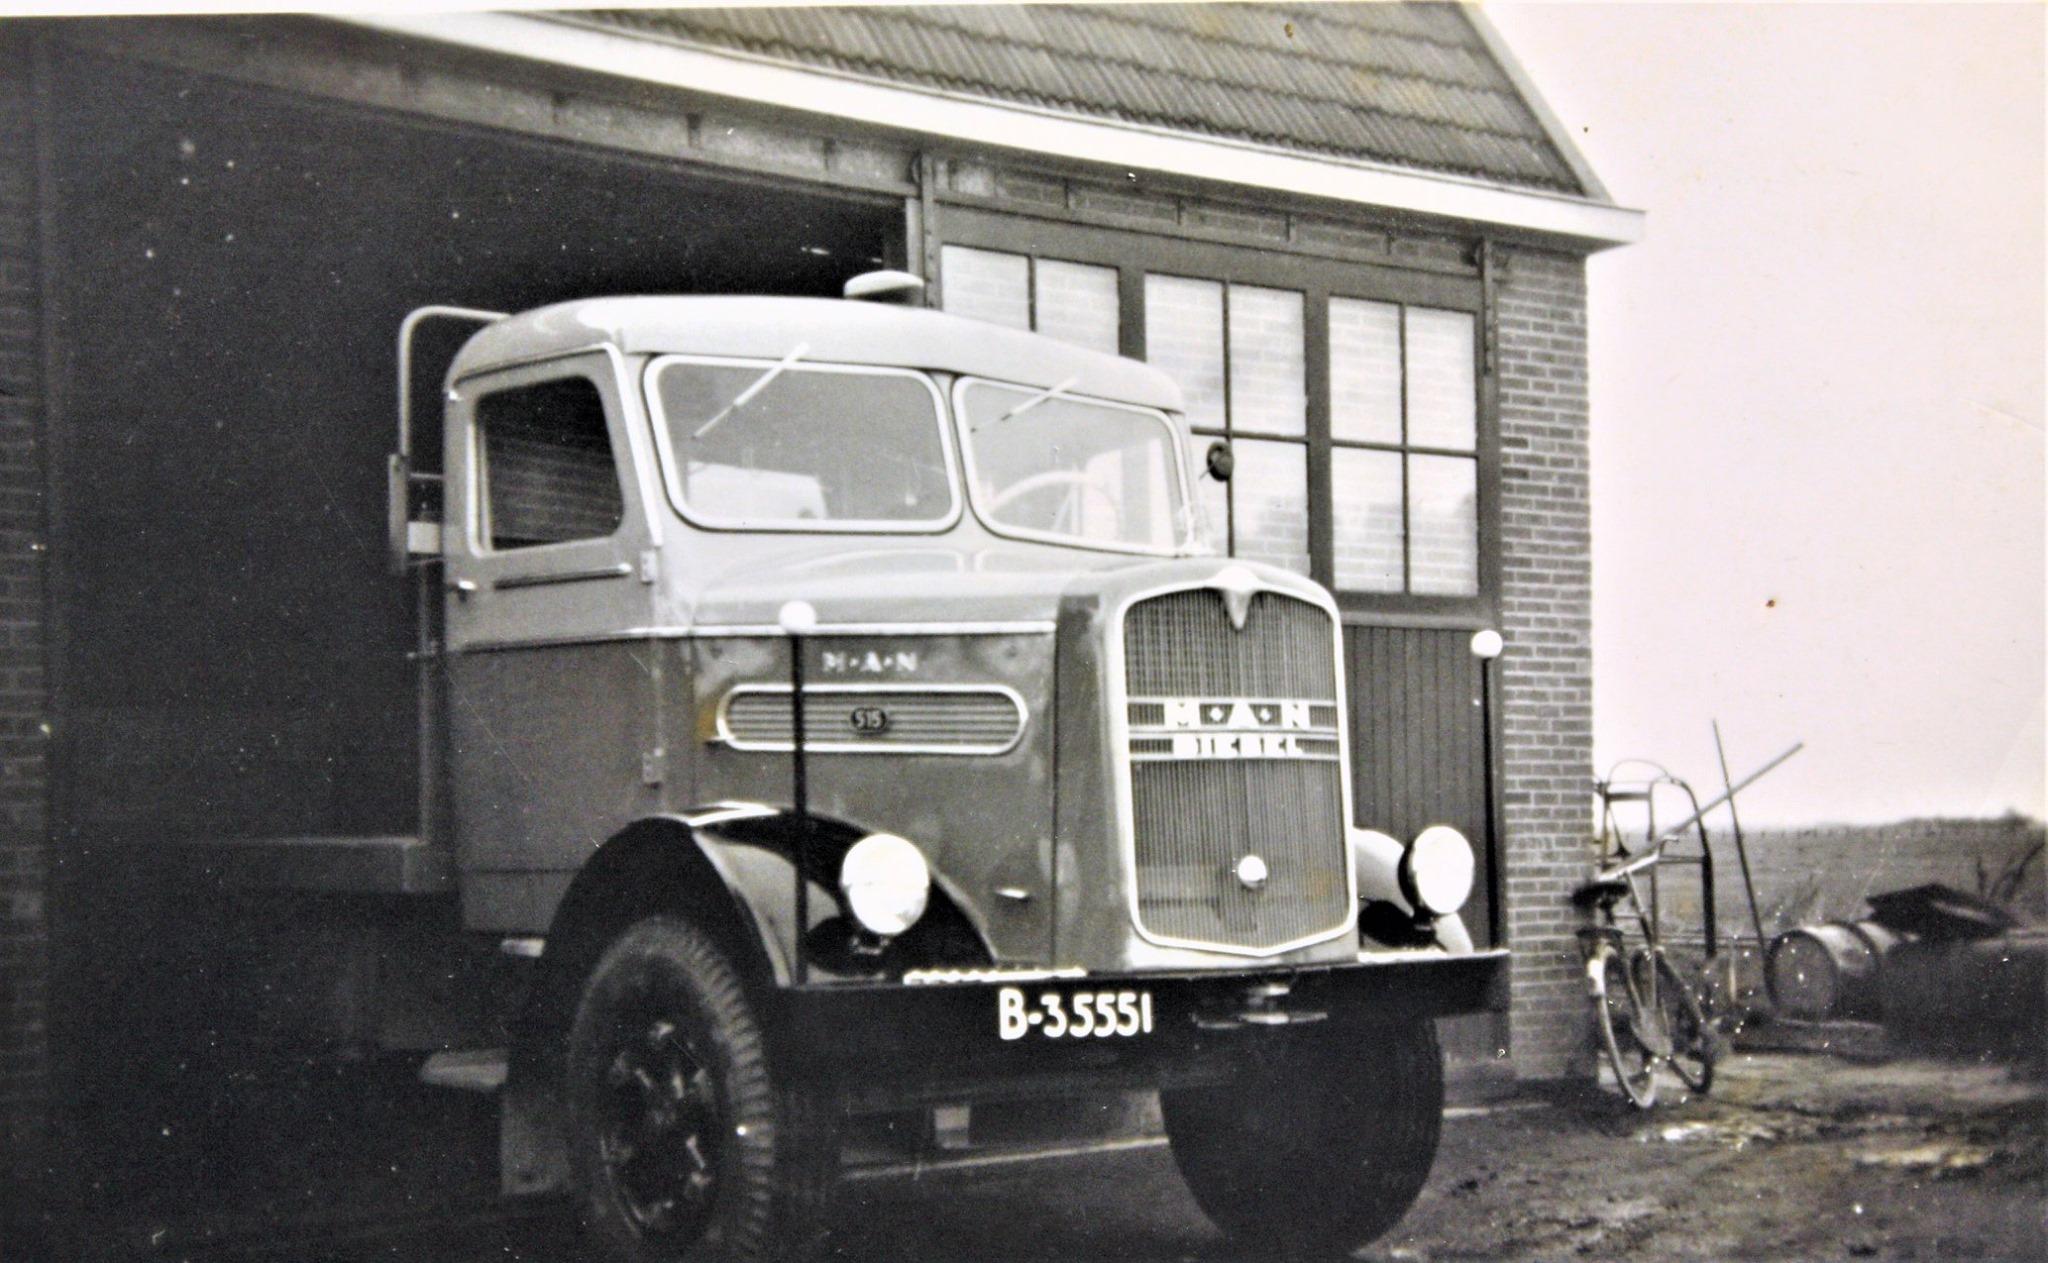 MAN-515-is-door-Rondaan-in-Beetgum-een-laadbak-opgebouwd-voor-H-Van-Dijk-uit-Eestrum-tussen-1950-1960-2